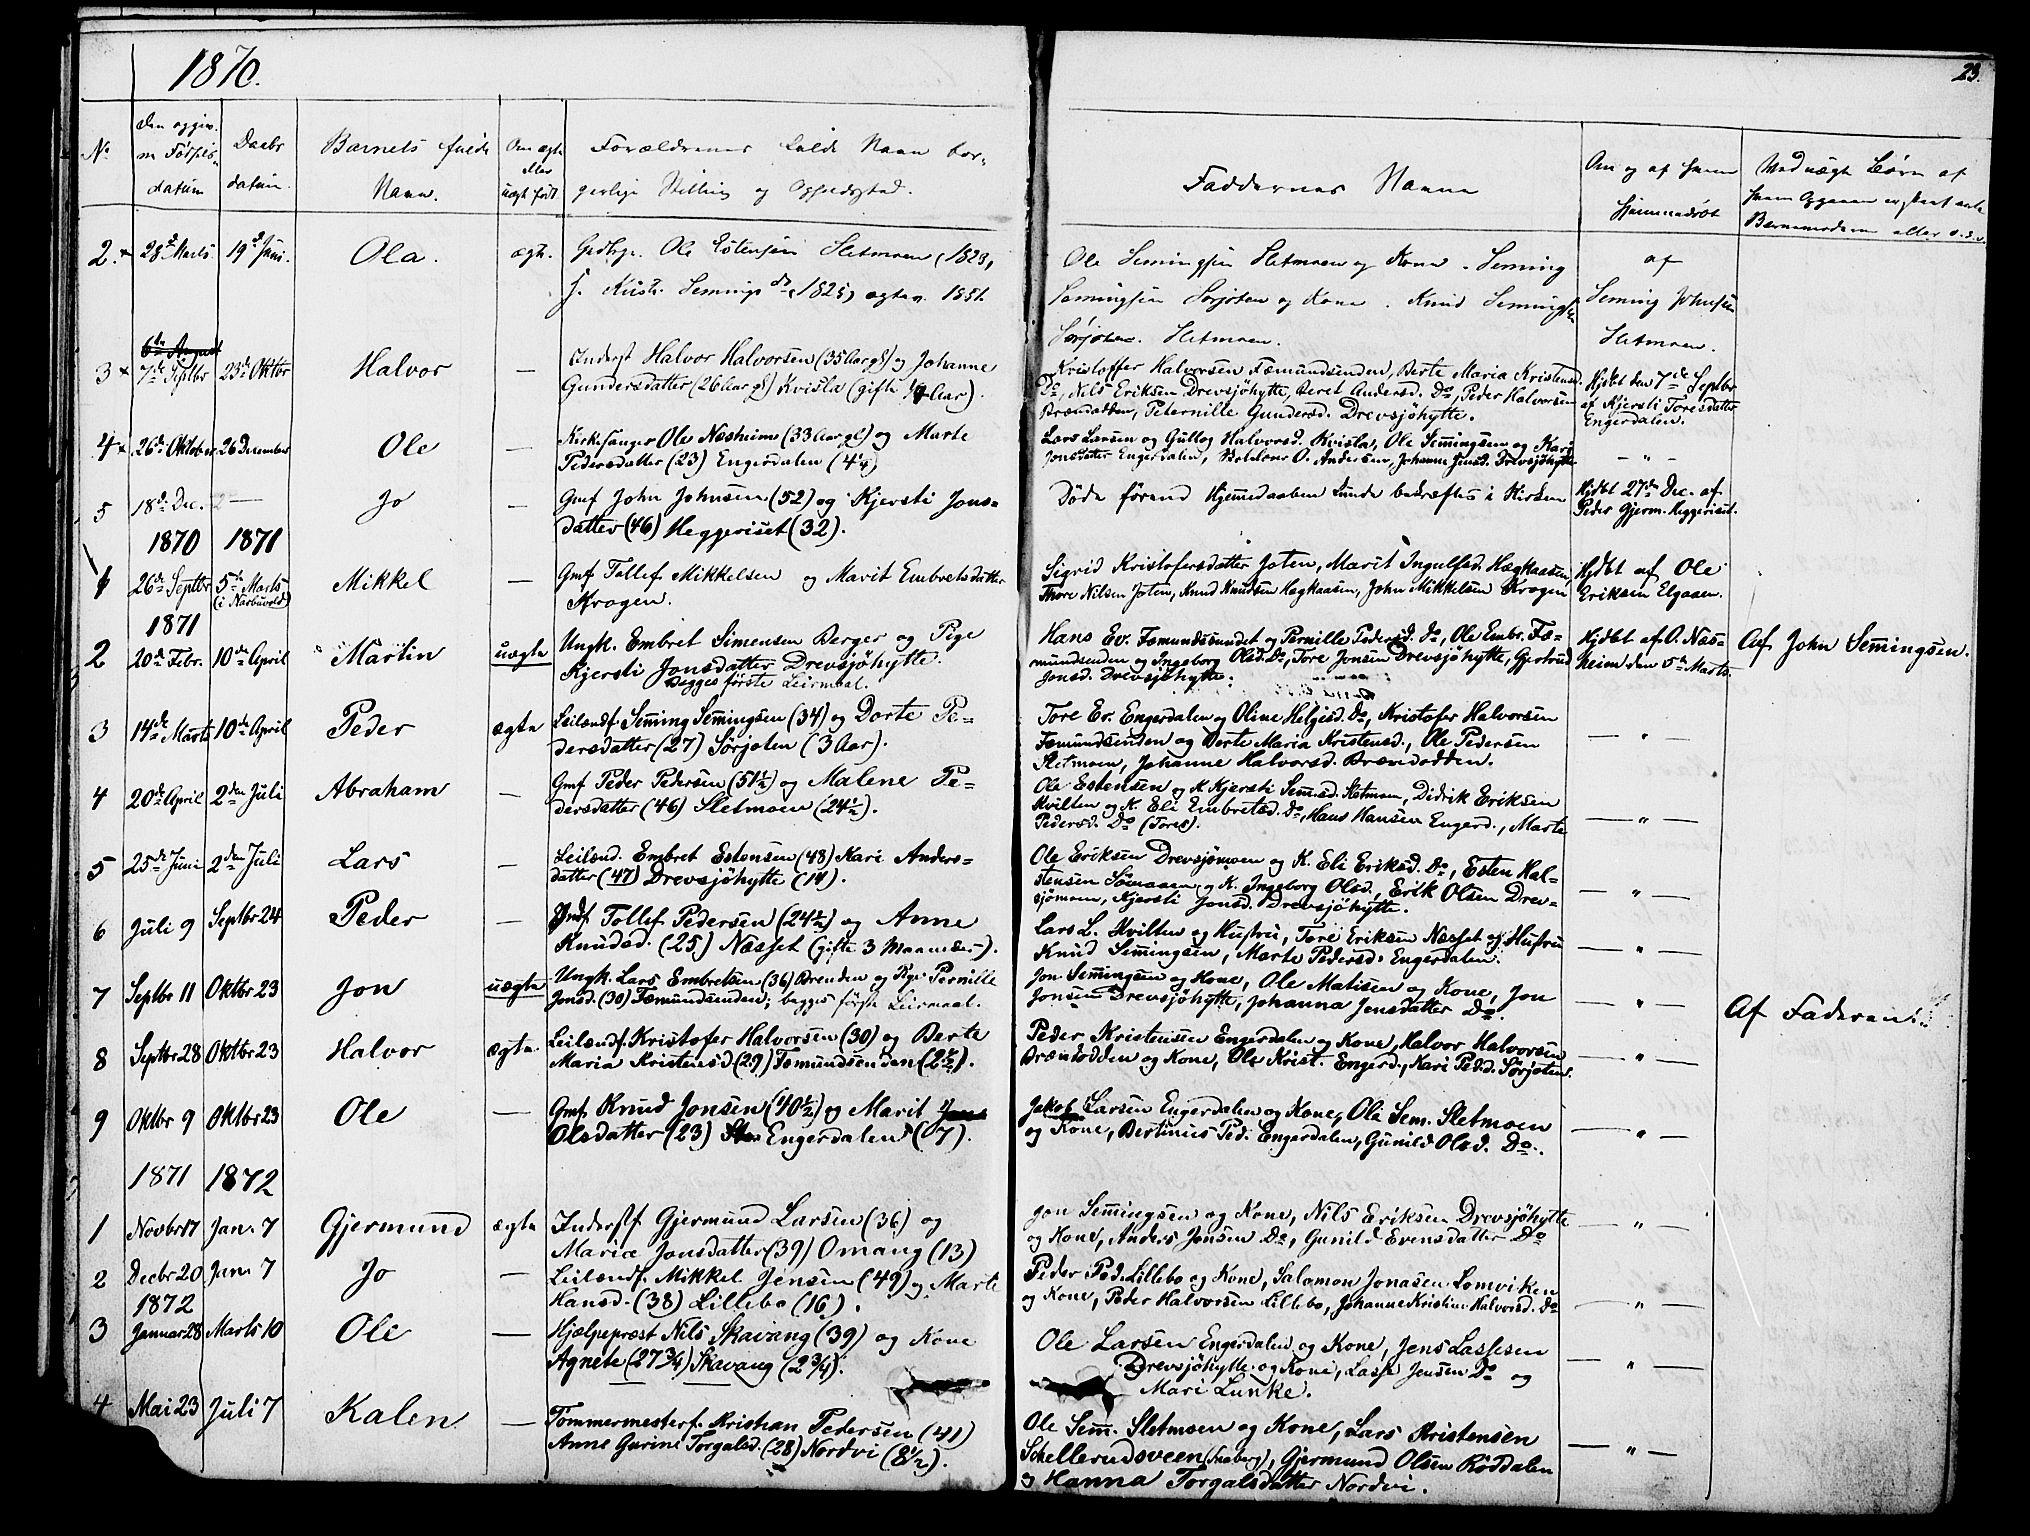 SAH, Rendalen prestekontor, H/Ha/Hab/L0002: Klokkerbok nr. 2, 1858-1880, s. 23